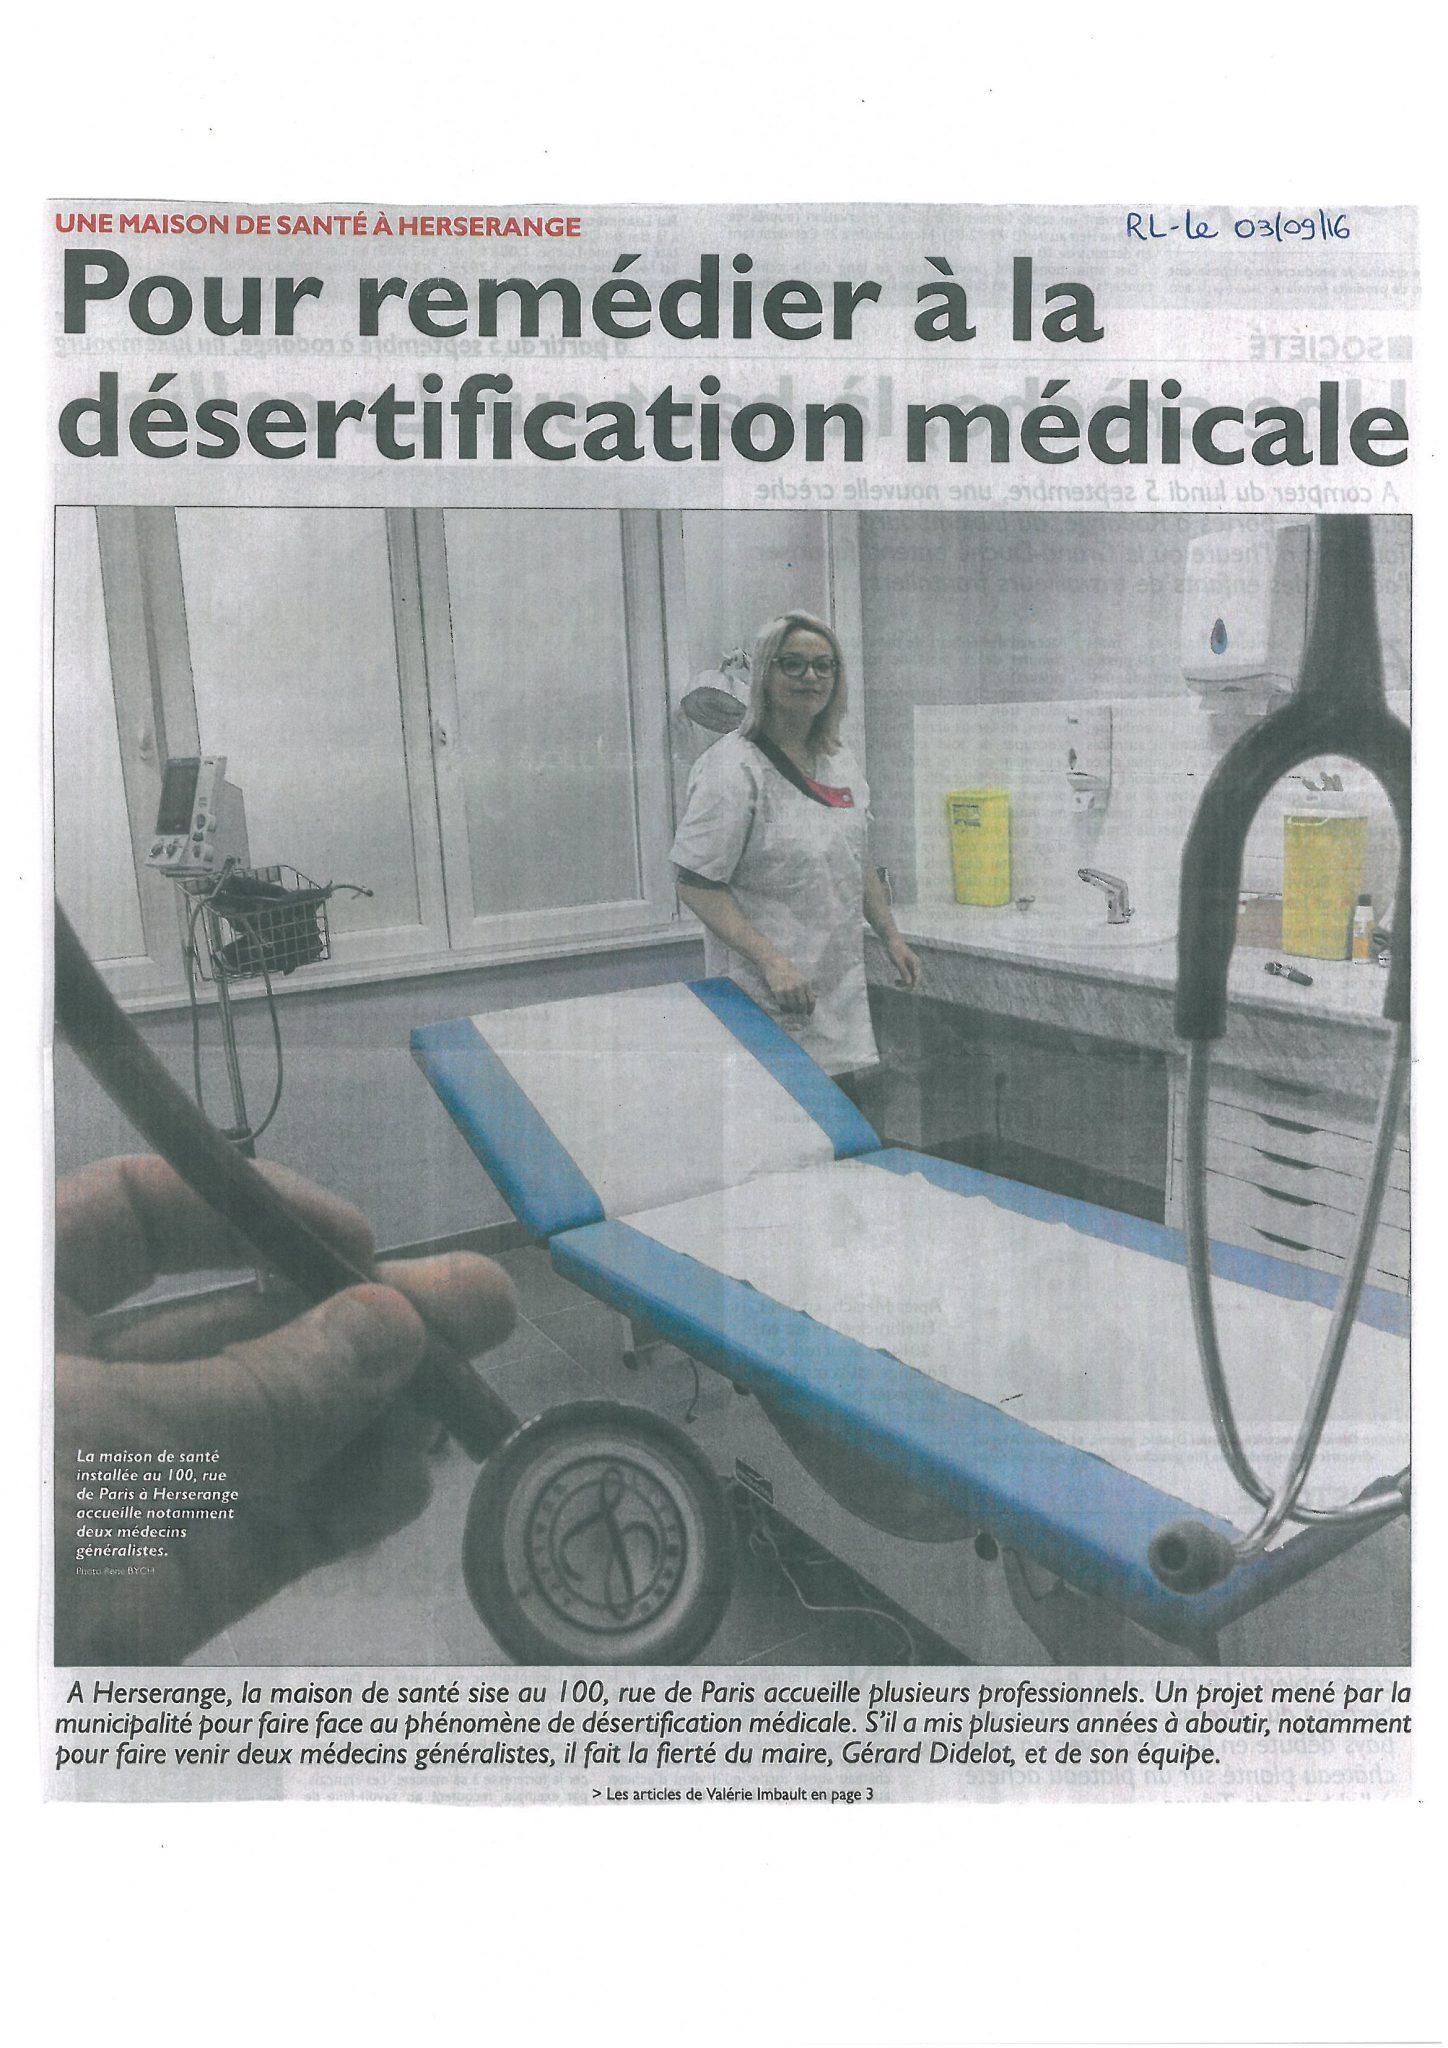 Une maison de santé érigée contre la désertification